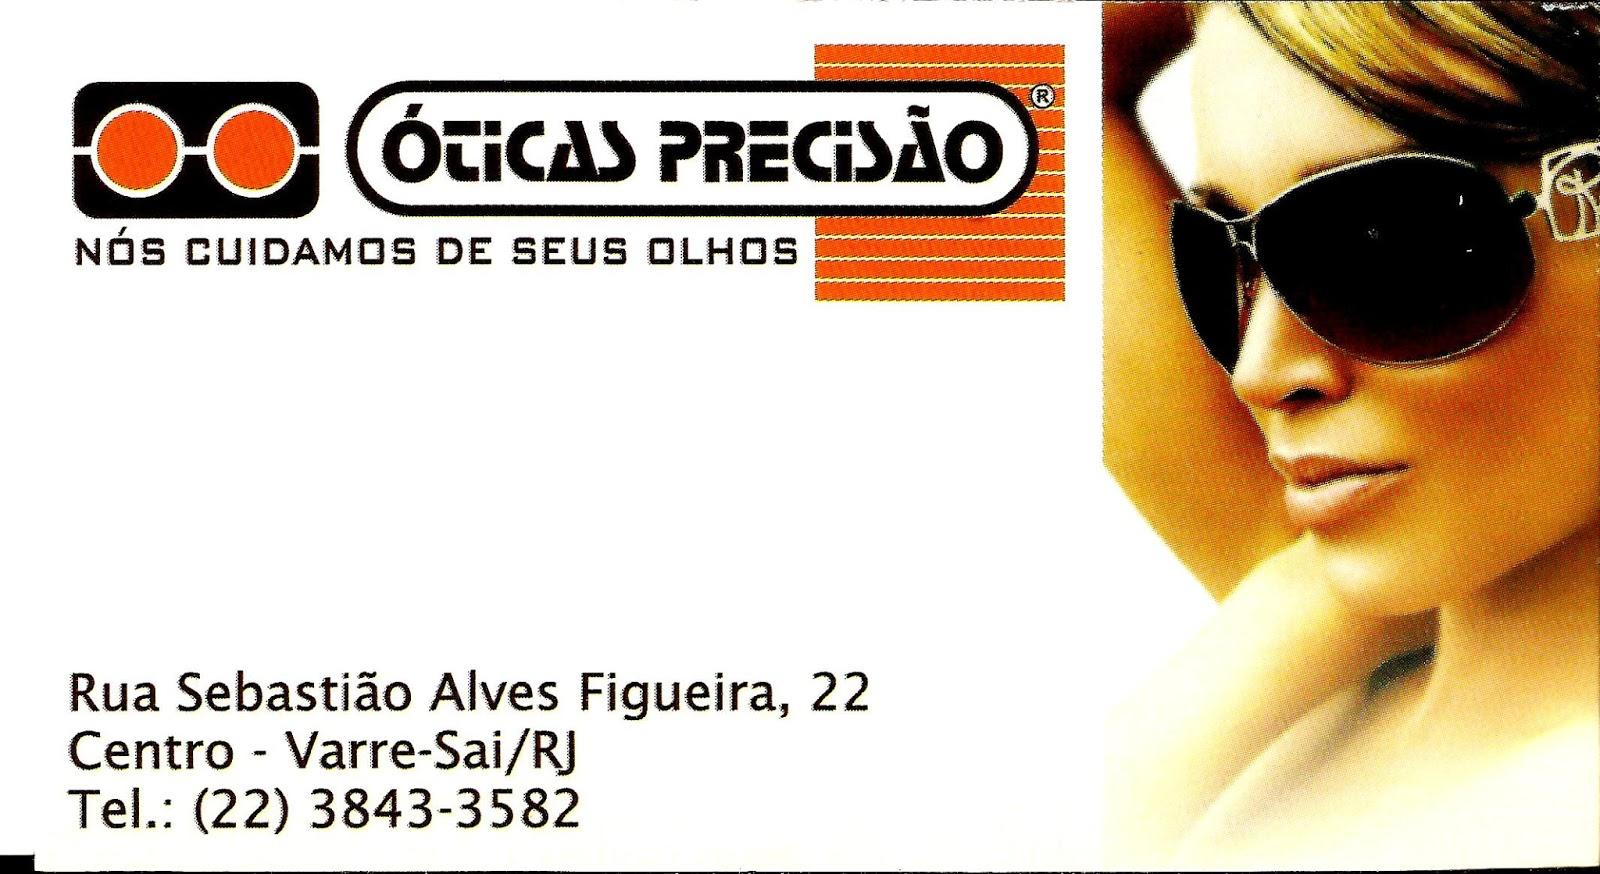 ÓTICAS PRECISÃO - RUA  SEBASTIÃO ALVES FIGUEIRA,22 - CENTRO VARRE-SAI RJ -  TEL . 22 - 3843-3582. c65760cbfd